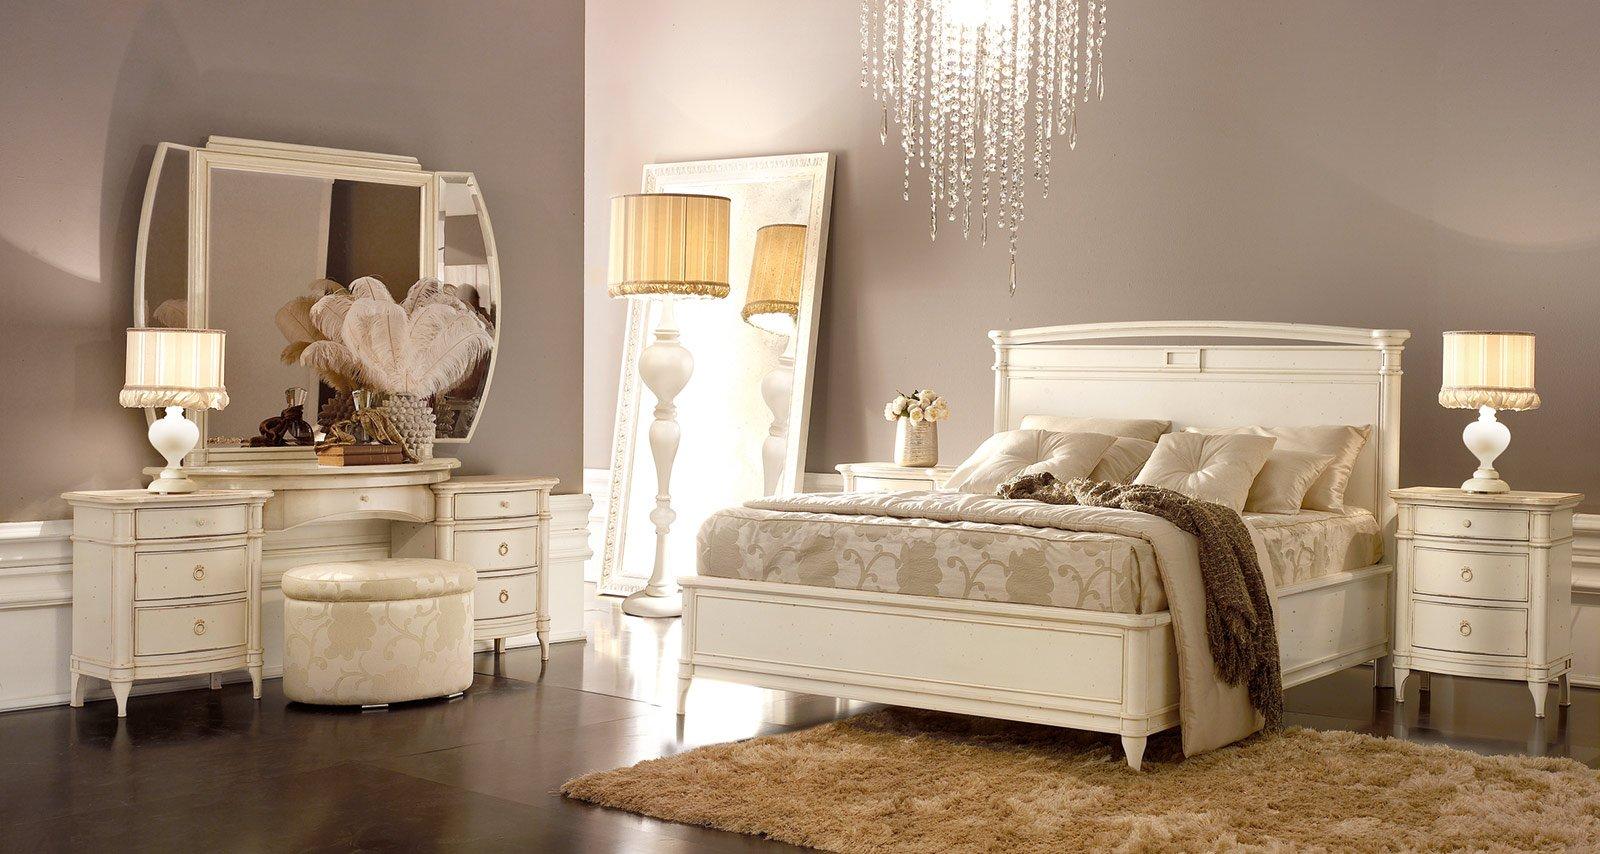 Camera da letto a tinte chiare - Cose di Casa